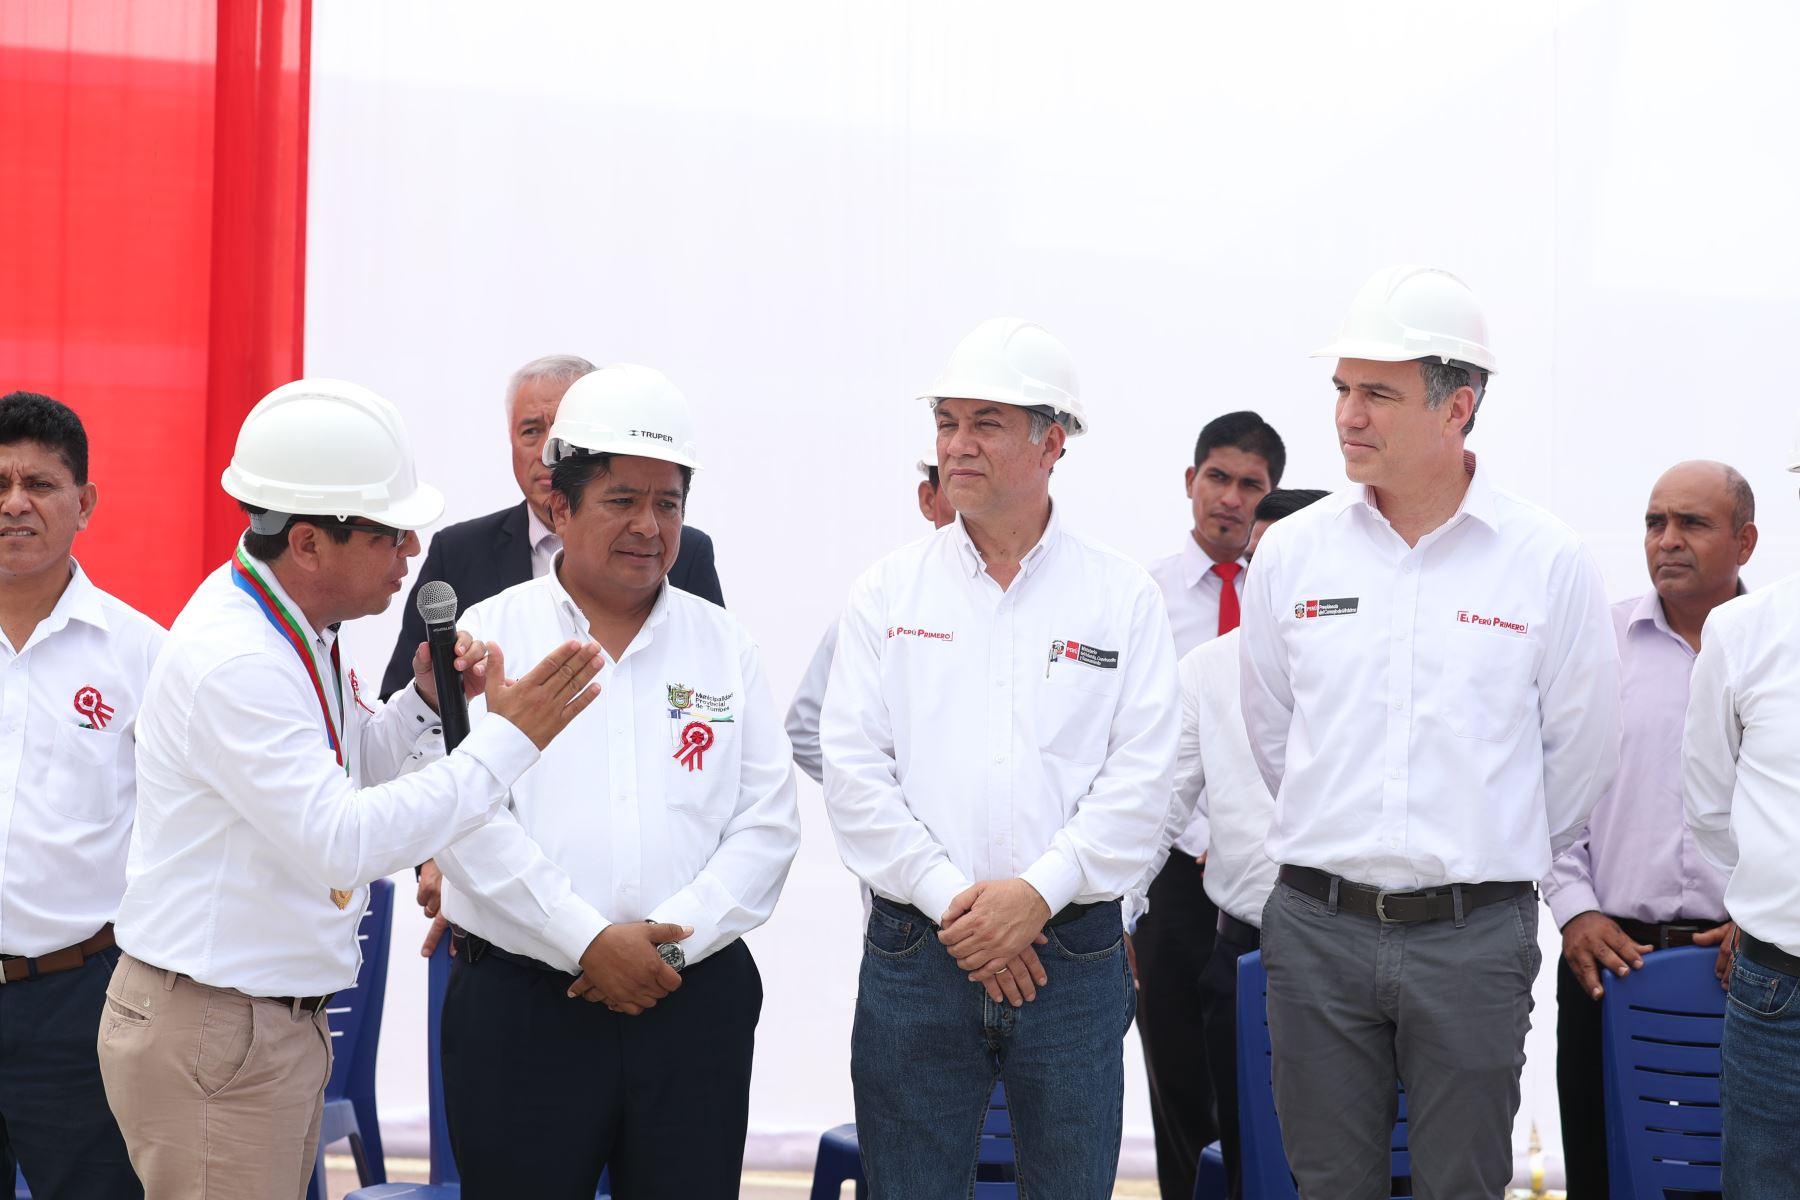 Presidente del Consejo de Ministros realizó visita de trabajo a Tumbes para la inauguración de obras de rehabilitación de pistas y verificar los avances de la mesa de trabajo sobre reconstrucción. Foto: ANDINA/PCM